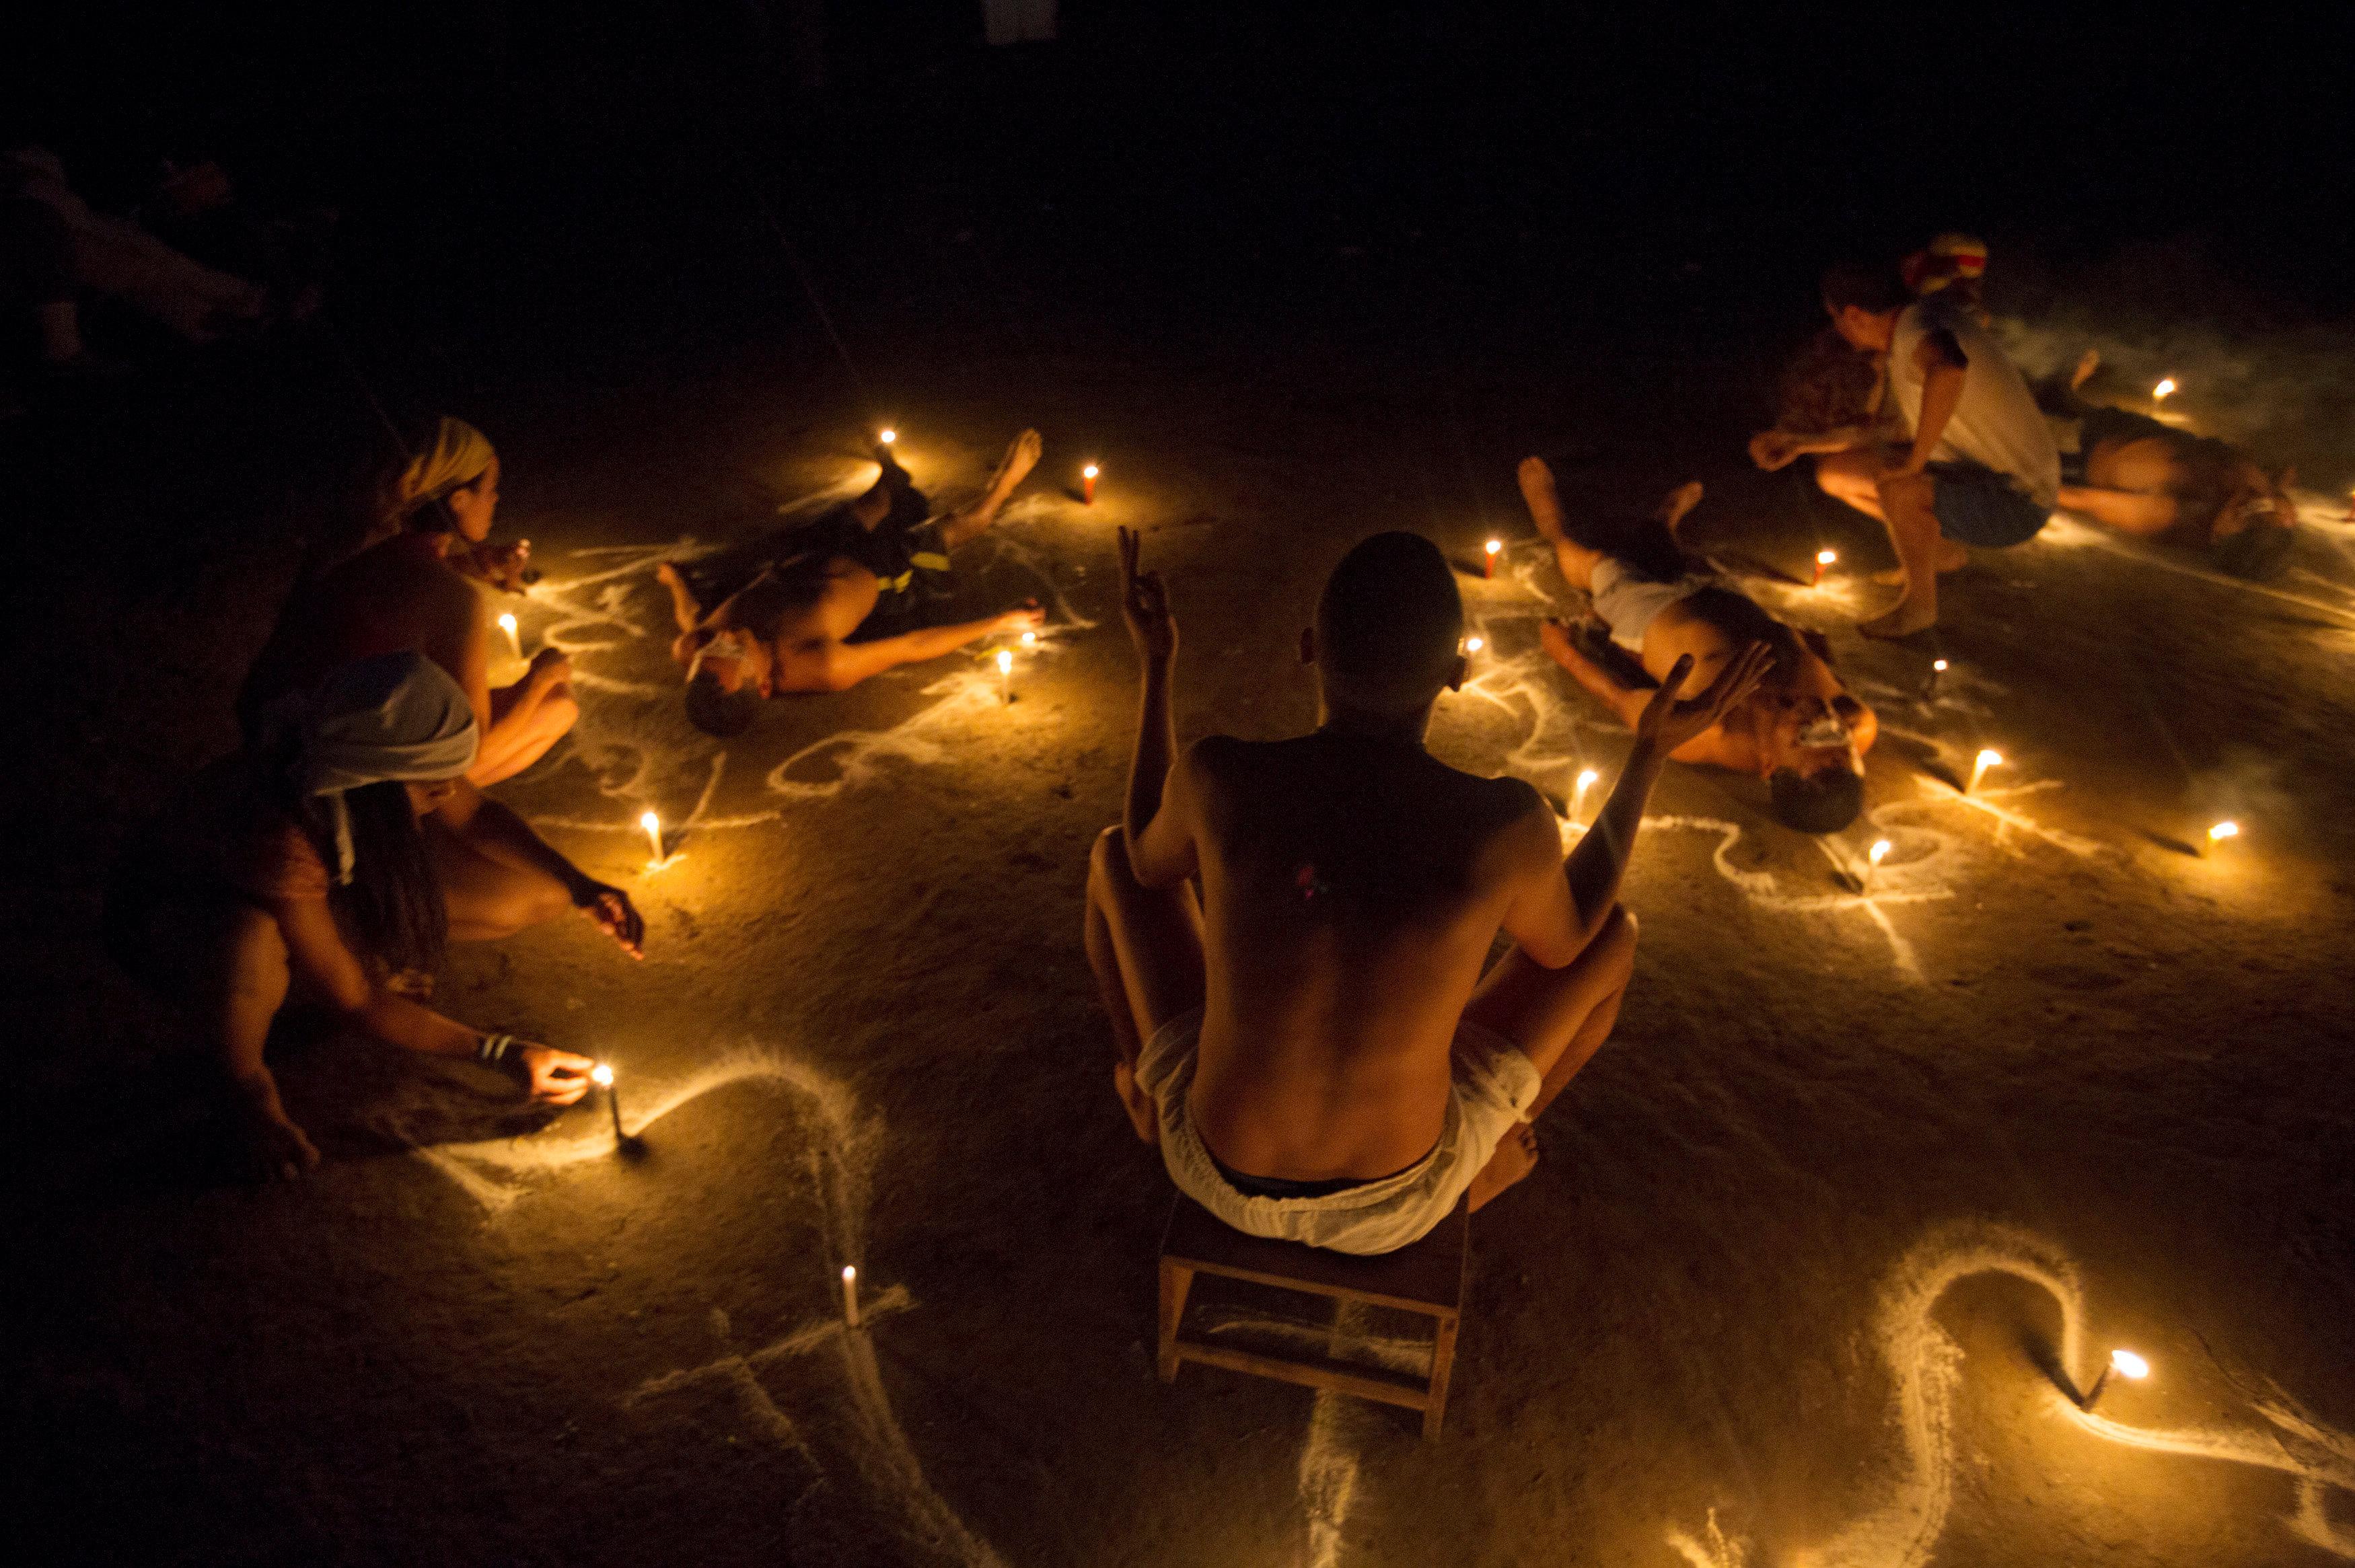 Los que quieren pedir algo a María Lionza se tumban en el suelo y los contornos de sus cuerpos se marcan con tiza. También se colocan velas y frutas a su alrededor